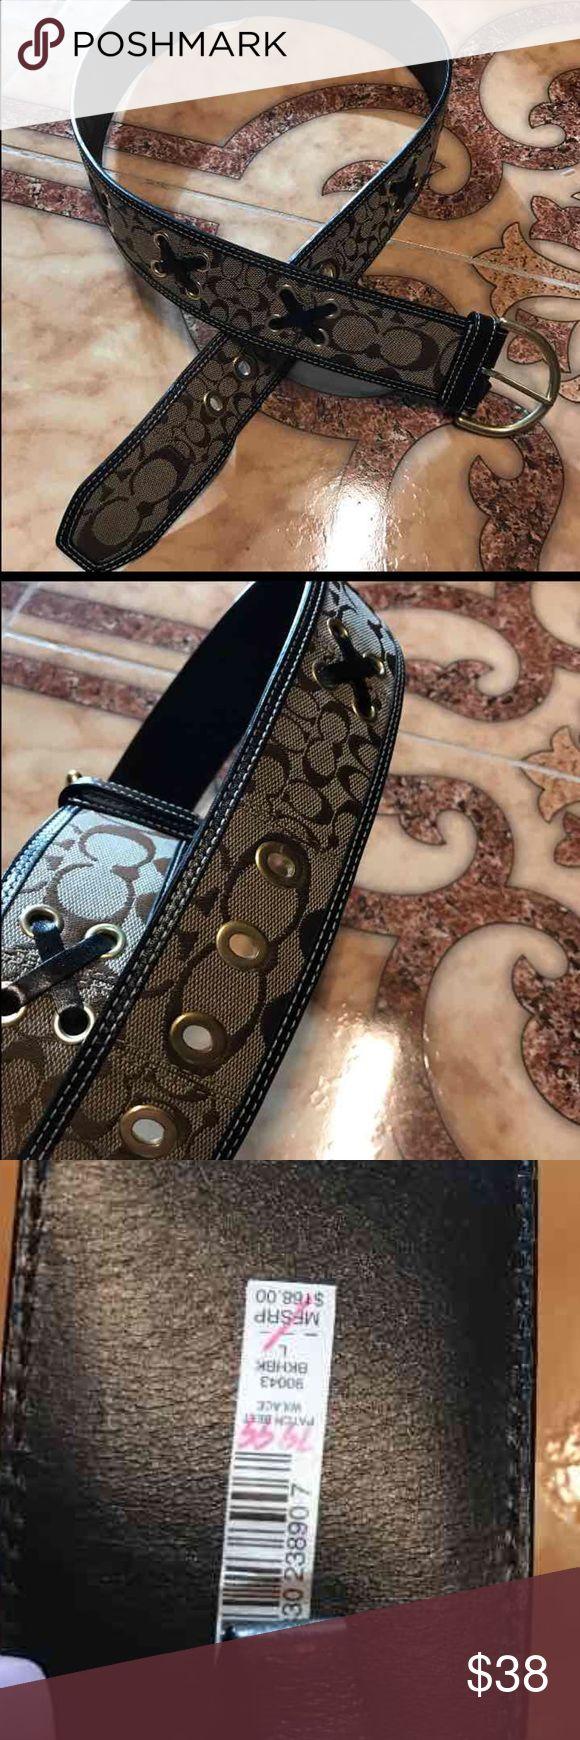 Coach belt auténtic Auténtic coach belt size Large  excelent condition like new Coach Accessories Belts